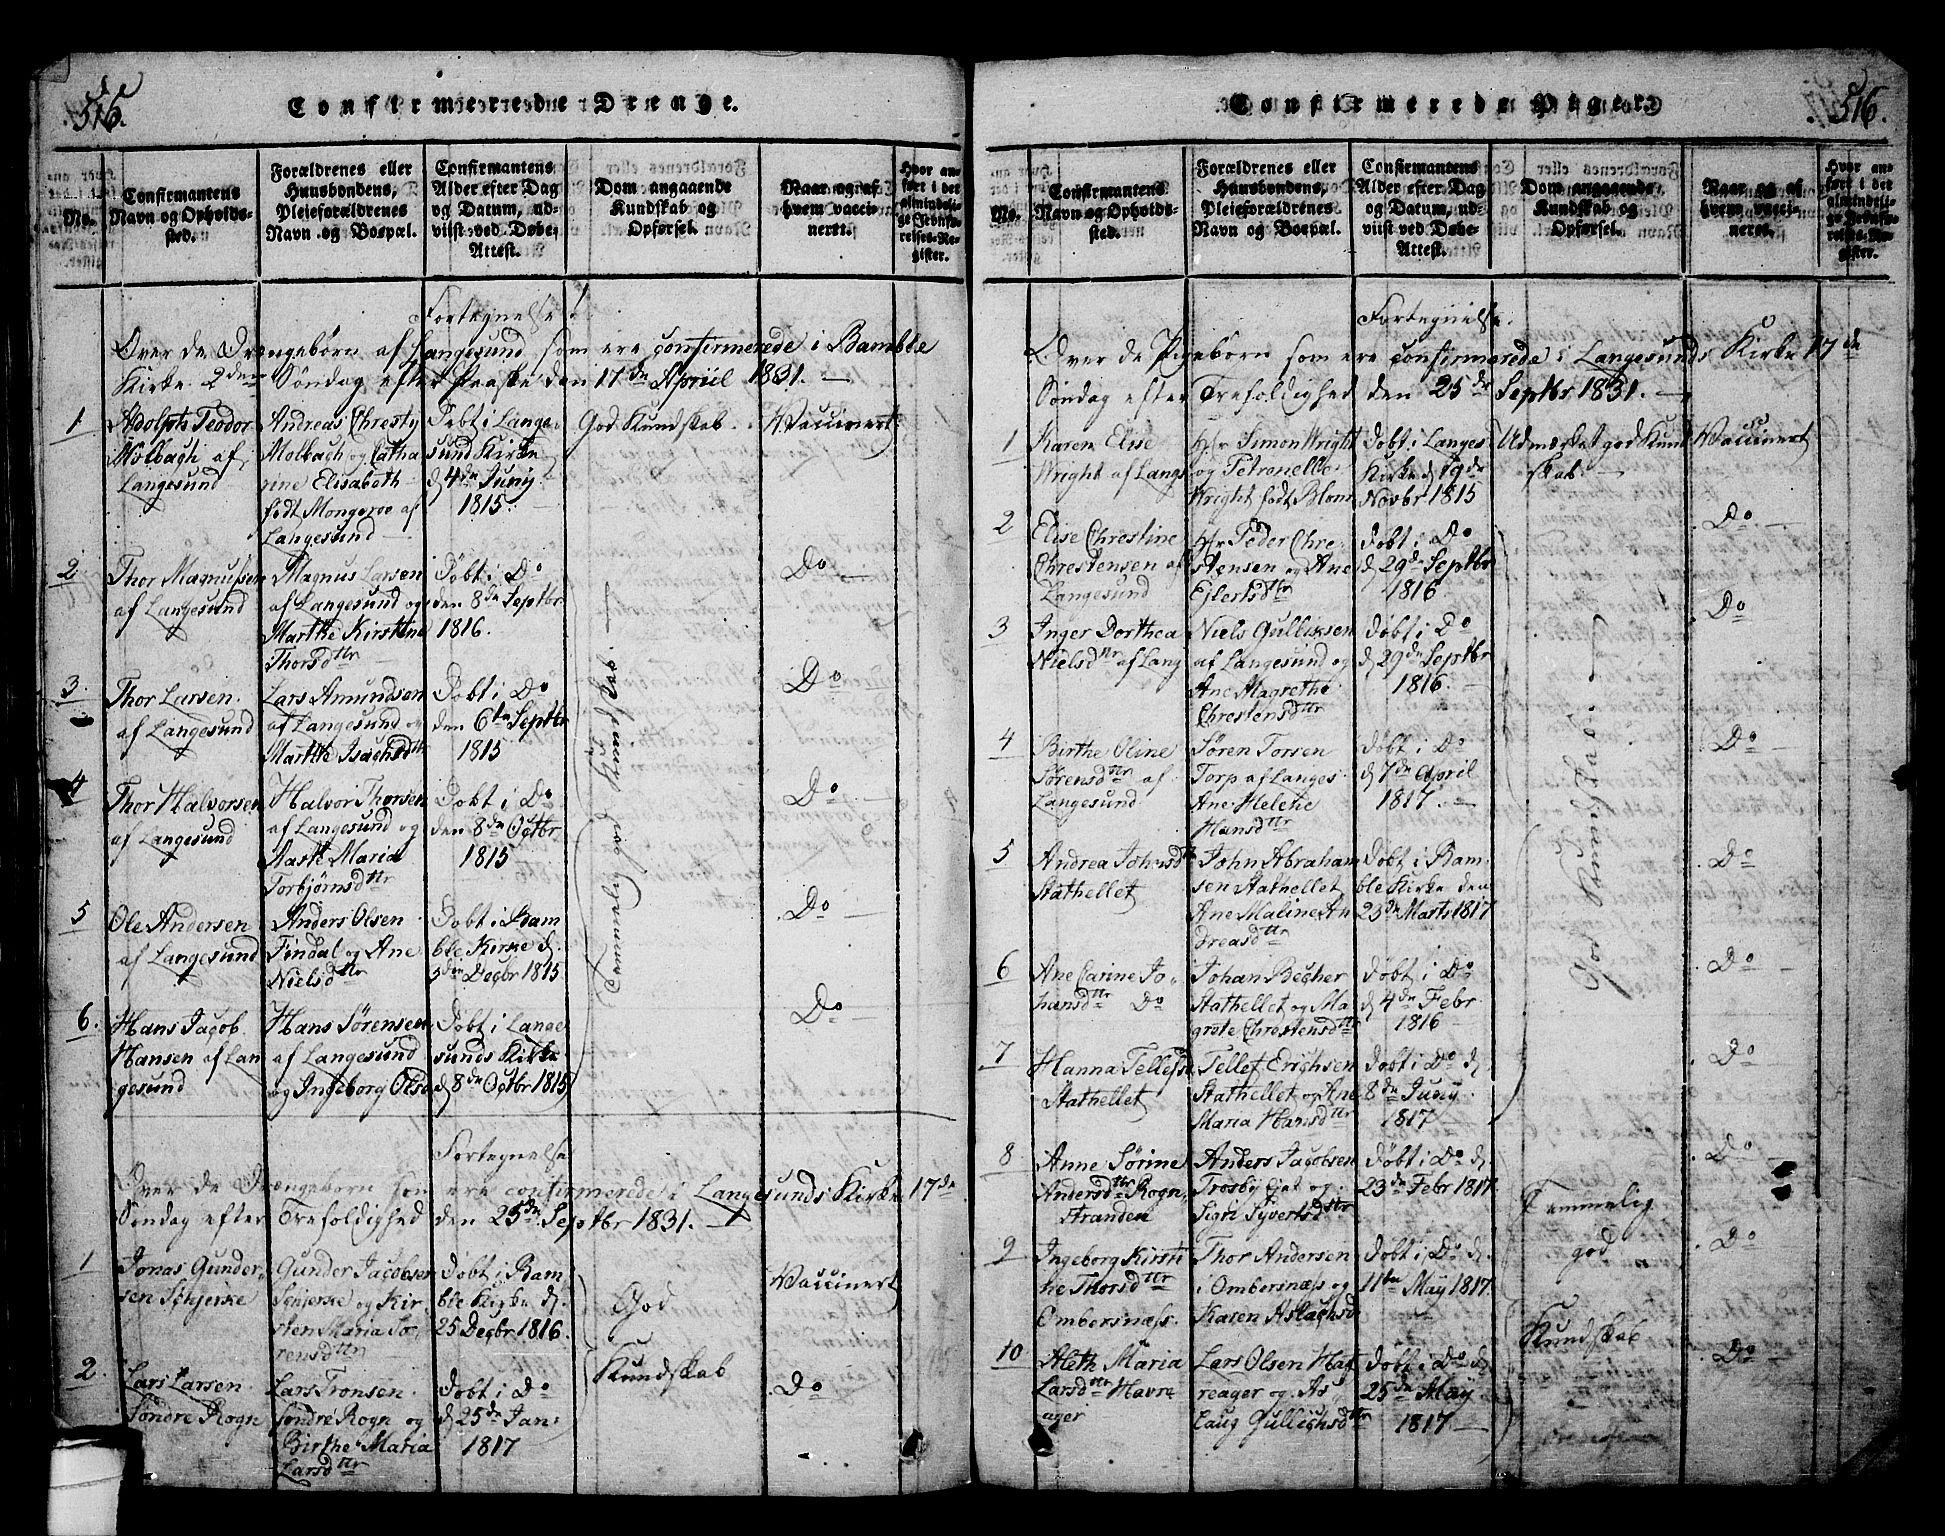 SAKO, Langesund kirkebøker, G/Ga/L0003: Klokkerbok nr. 3, 1815-1858, s. 515-516